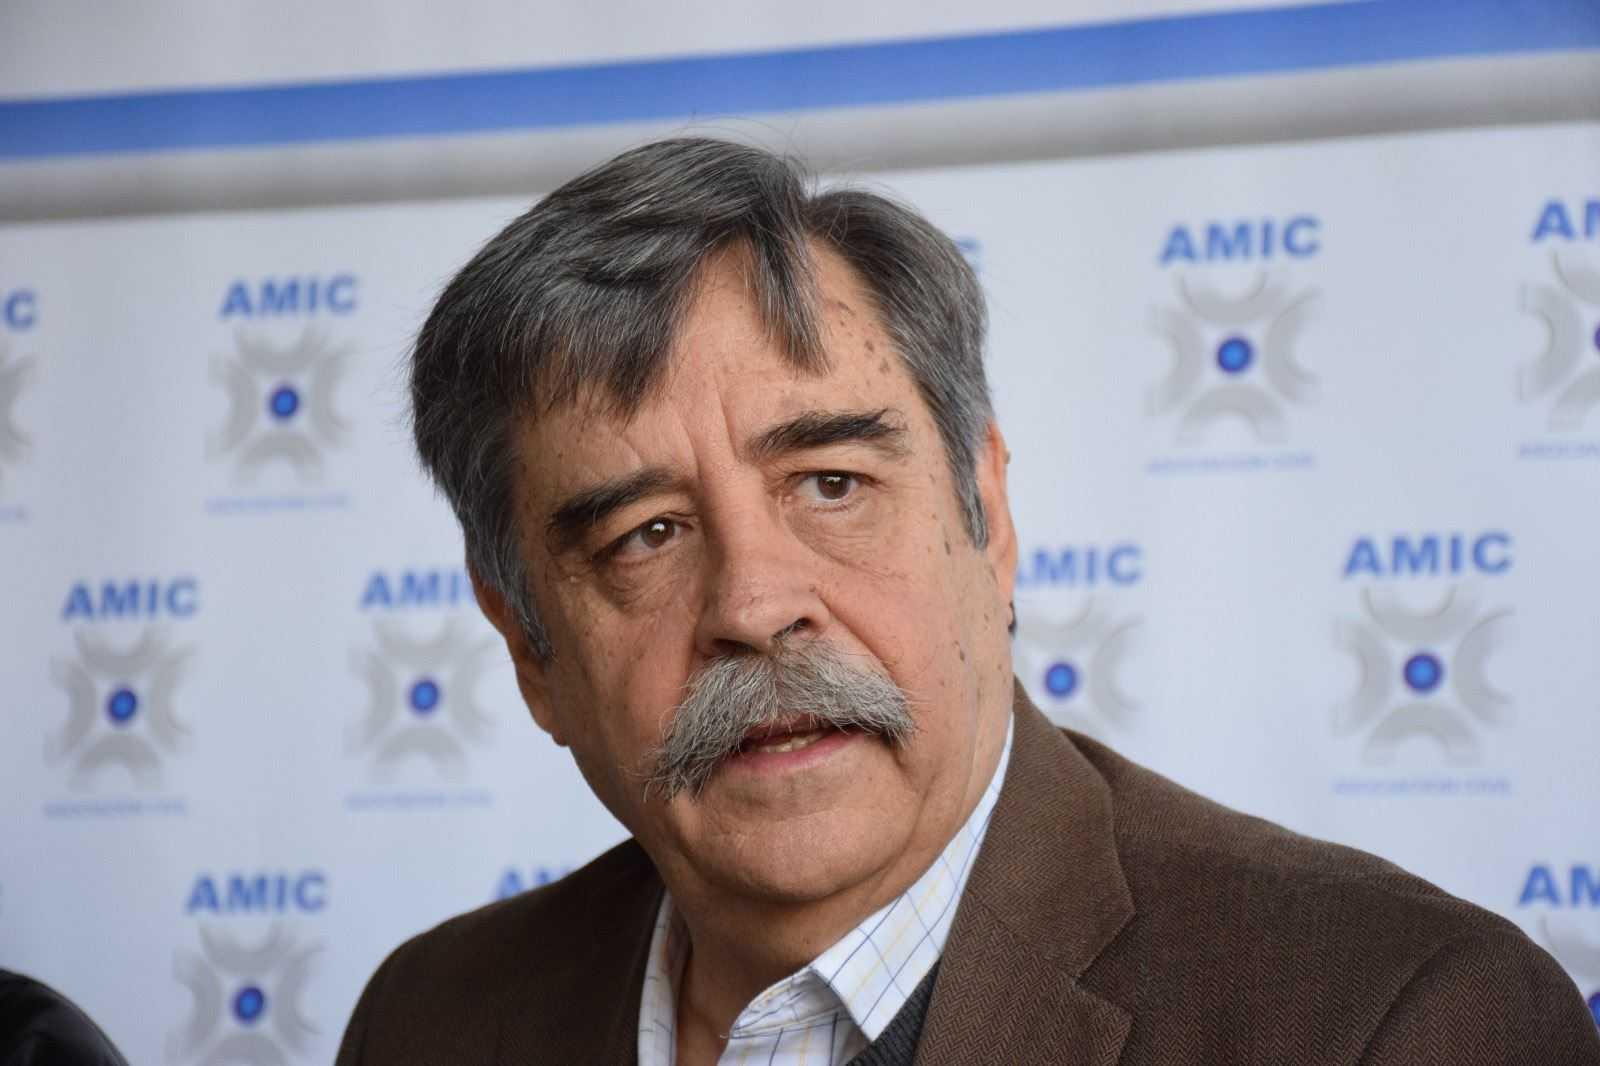 Denuncia AMIC preferencia contractual de gobiernos